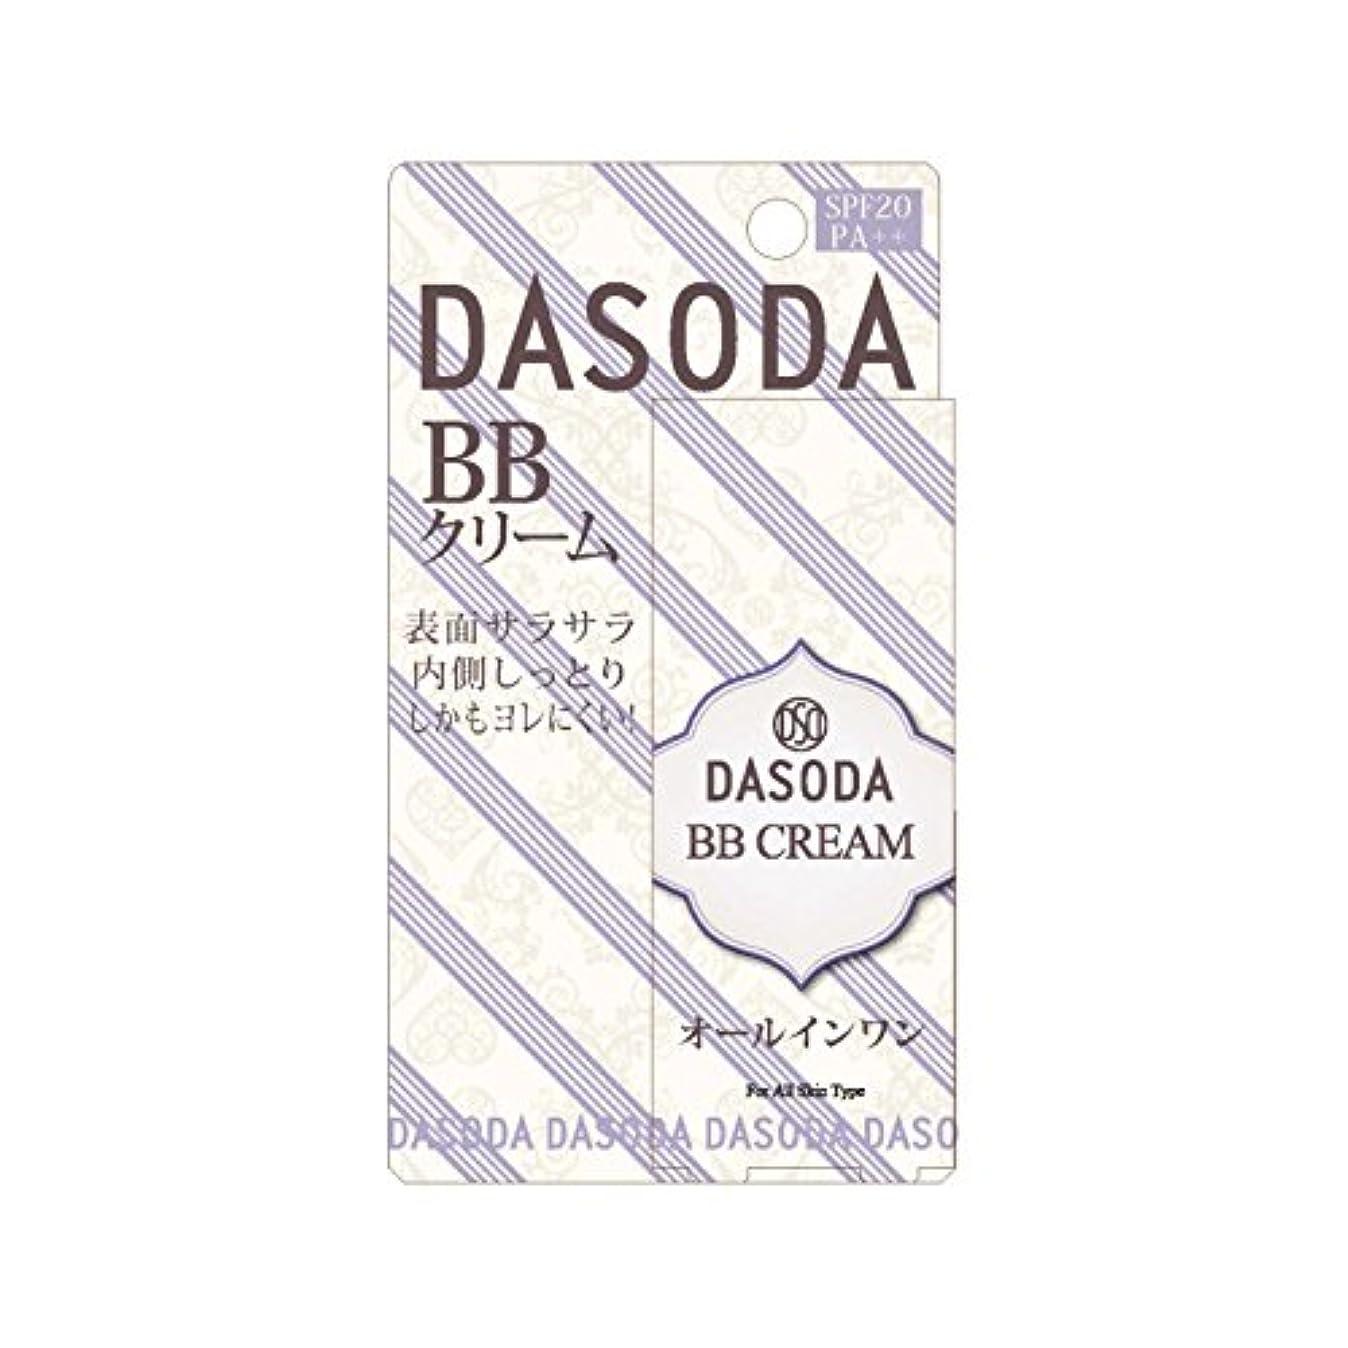 位置する唯一付添人ダソダ エフシー BBクリーム 30g